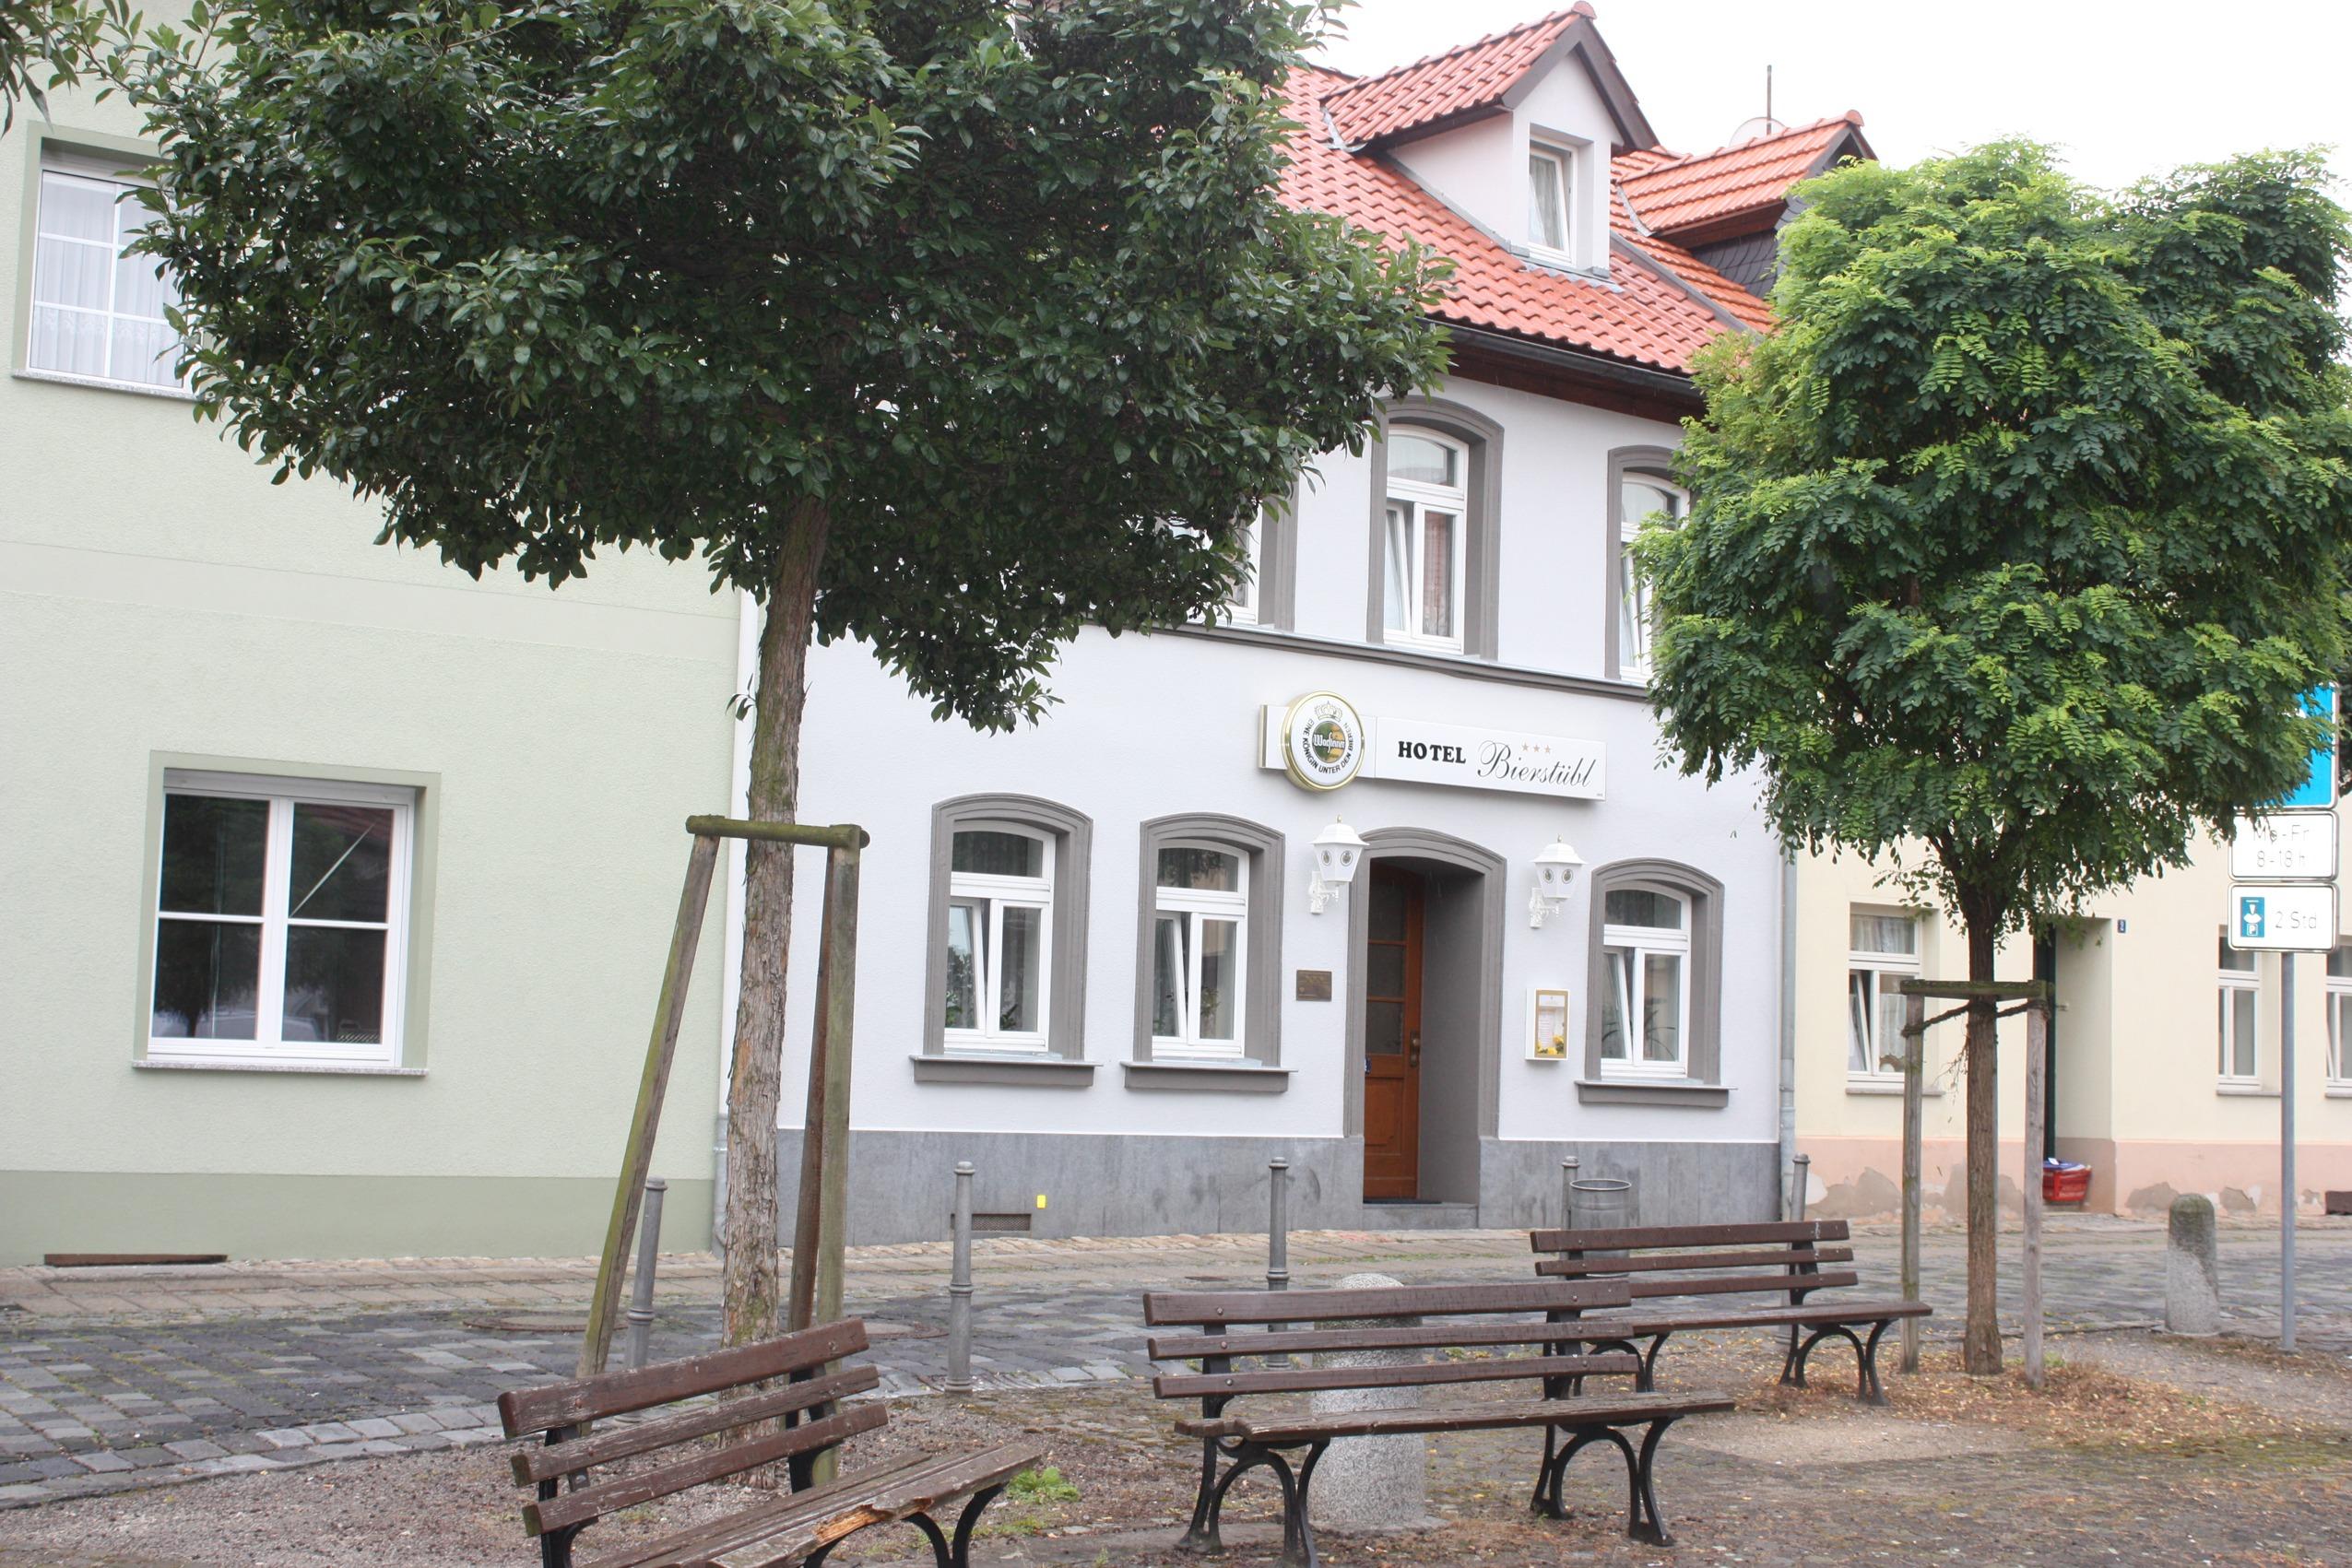 Hotel Zum Sanger An Der Ahr Bad Neuenahr Ahrweiler Duitsland